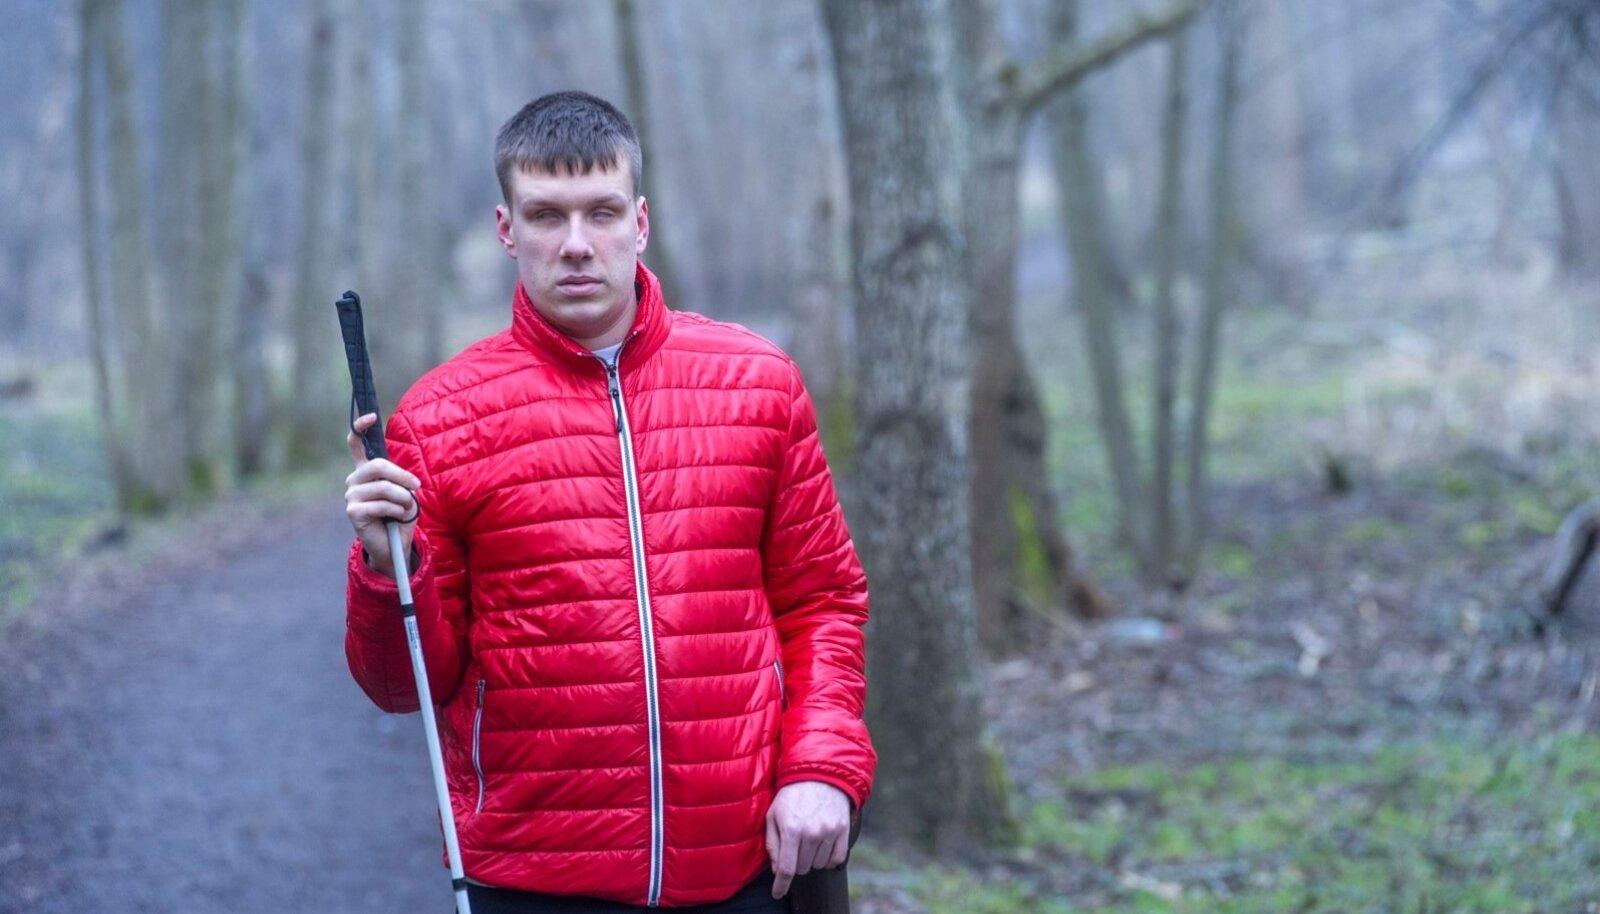 Jakob Rosin on nägemispuudega ajakirjanik, kelle elustiil ja töö panevad teda alatasa olukordadesse, kus teiste inimeste abi on vältimatu.